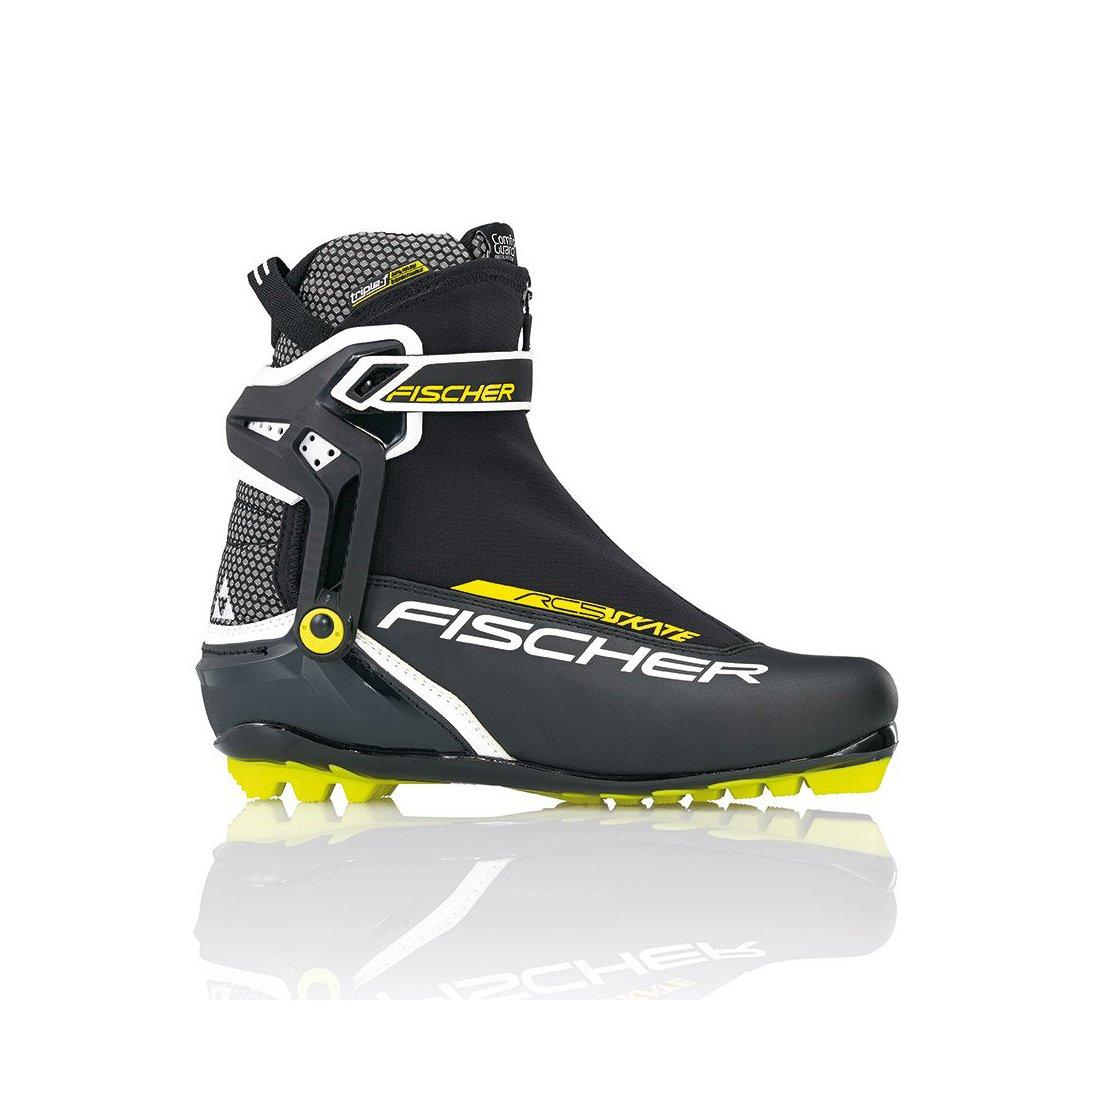 Fischer RC5 Skate 2015/16